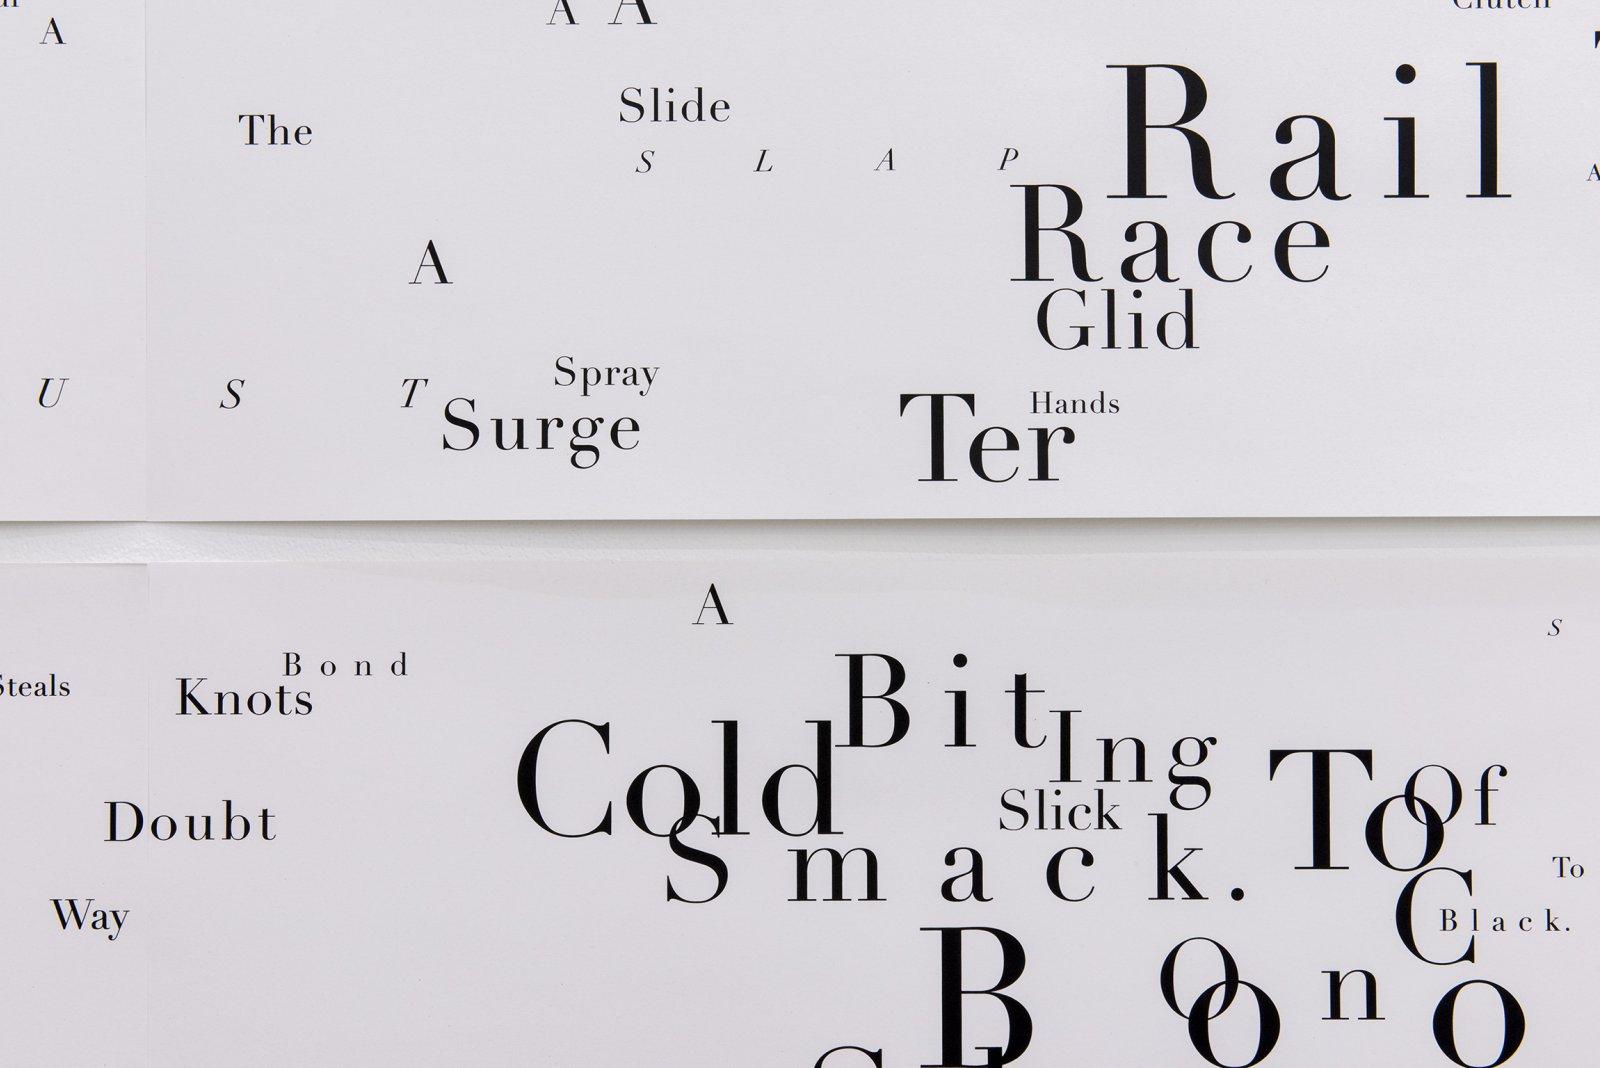 Janice Kerbel, Score, 'Sink' (detail), 2015, 8 silkscreen prints on paper, composition: 44 x 131 in. (113 x 334 cm), each sheet: 22 x 33 in. (56 x 84 cm)  by Janice Kerbel